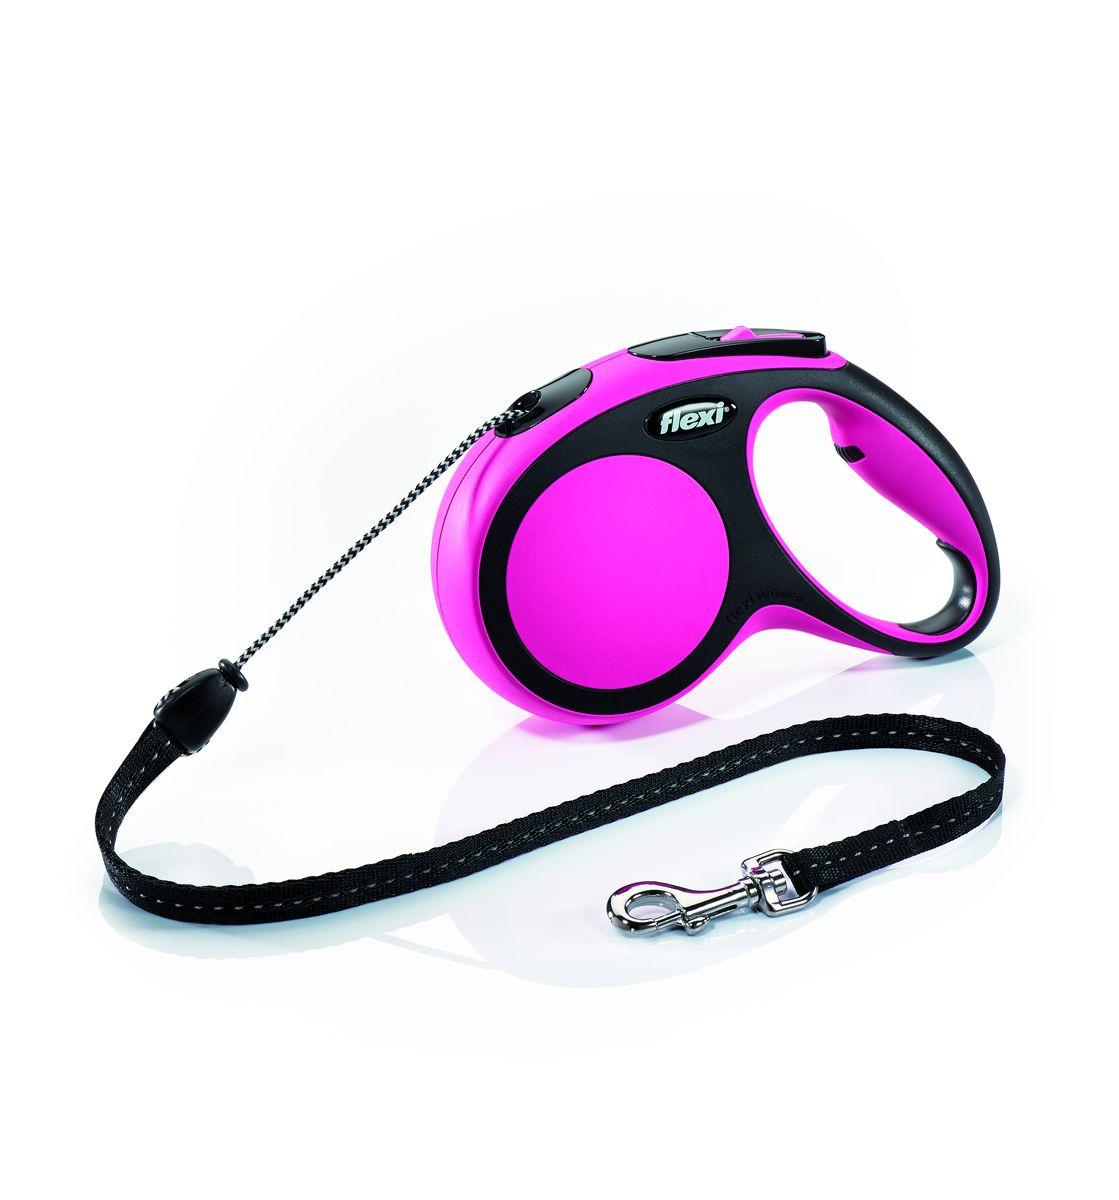 Поводок-рулетка Flexi New Comfort М, трос, для собак весом до 20 кг, цвет: черный, розовый, 5 м0120710Тросовый поводок-рулетка обеспечивает каждой собаке свободу движения, что идет на пользу здоровью и радует вашего четвероногого друга. Рулетка очень проста в использовании. Оснащена кнопками кратковременной и постоянной фиксации. Рулетку можно оснастить - мультибоксом для лакомств или пакетиков для сбора фекалий, LED подсветкой корпуса.Прочный корпус, хромированная застежка и светоотражающие элементы.На рукоятке имеется колесико позволяющее адаптировать размер рукоятки под размер рукиДлина 5 м.Для собак весом до 20 кг.